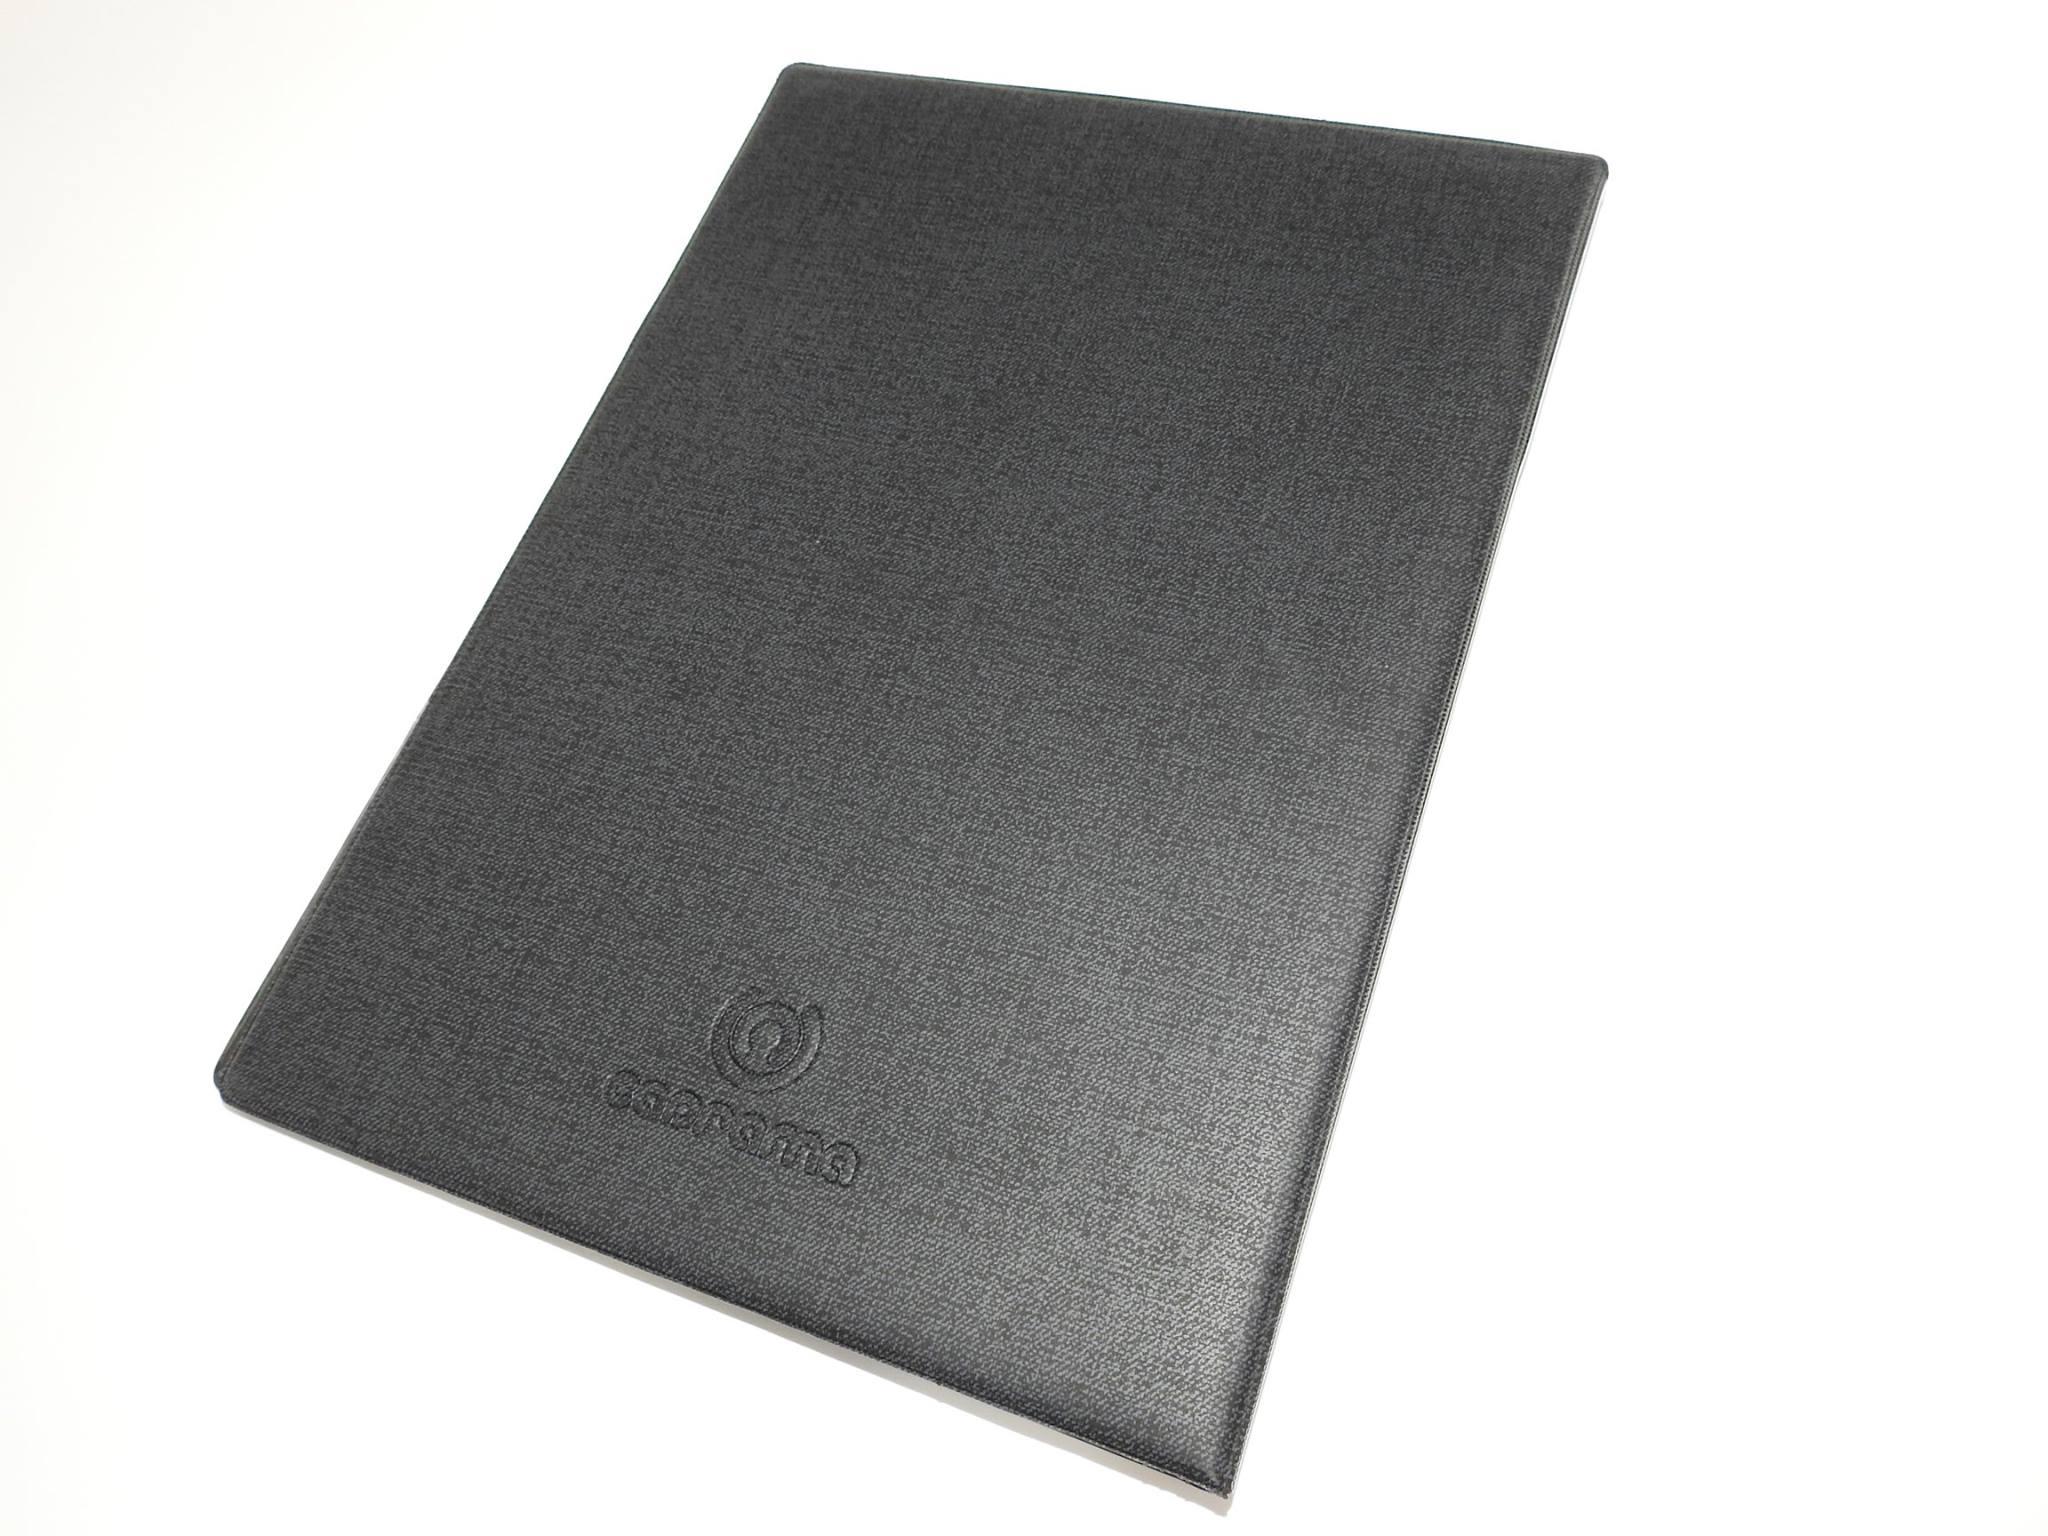 Porte Bloc Note Personnalisé en PVC Expansé avec marquage